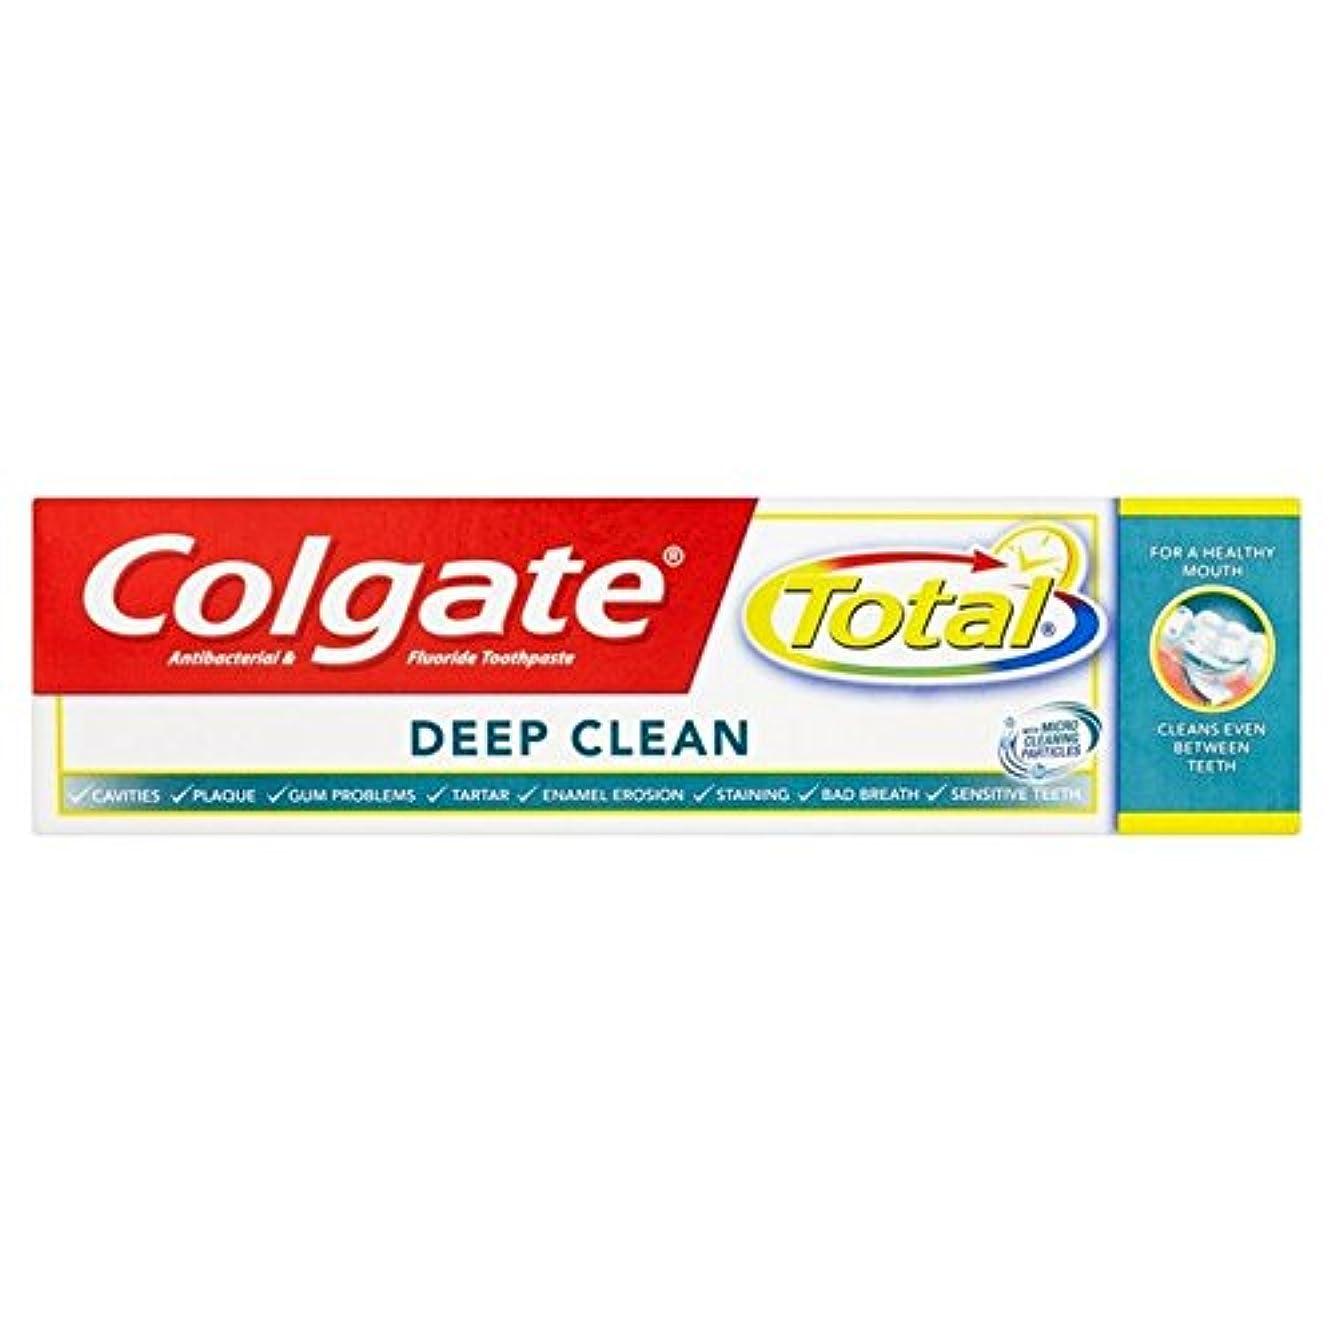 免除する奇跡ネックレットコルゲートトータル深いクリーン歯磨き粉75ミリリットル x2 - Colgate Total Deep Clean Toothpaste 75ml (Pack of 2) [並行輸入品]